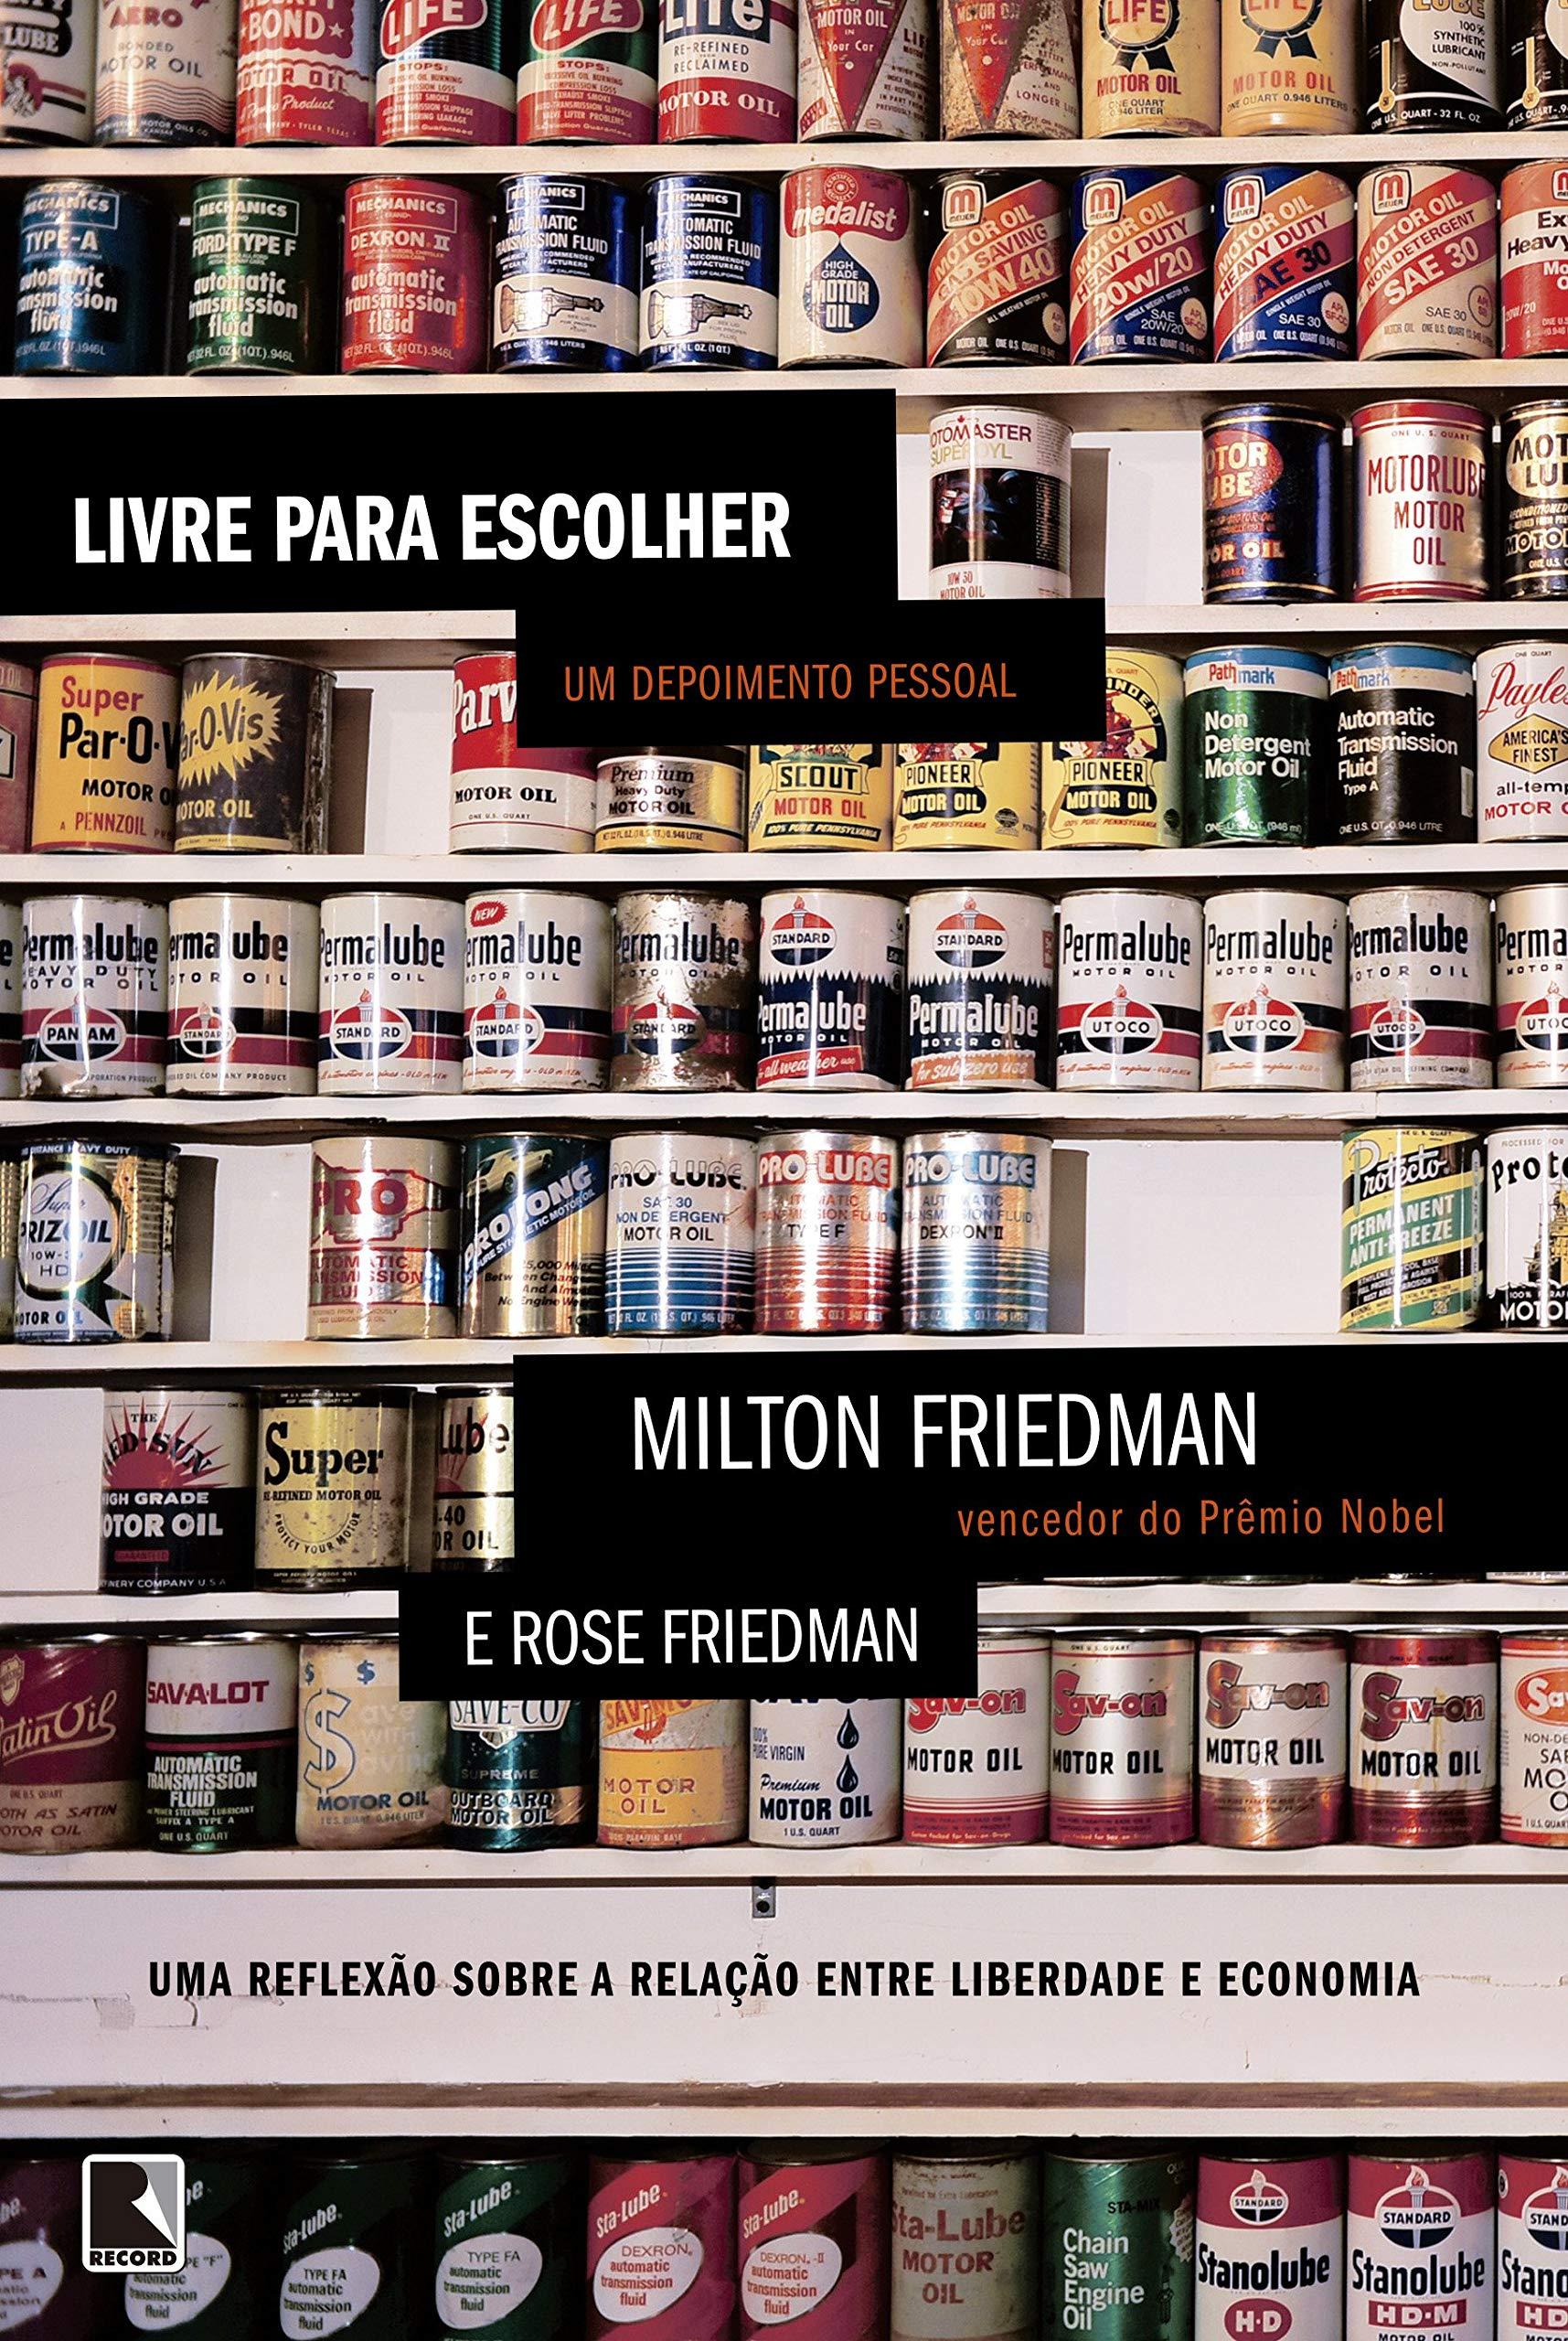 Livre para escolher: Um depoimento pessoal | Amazon.com.br